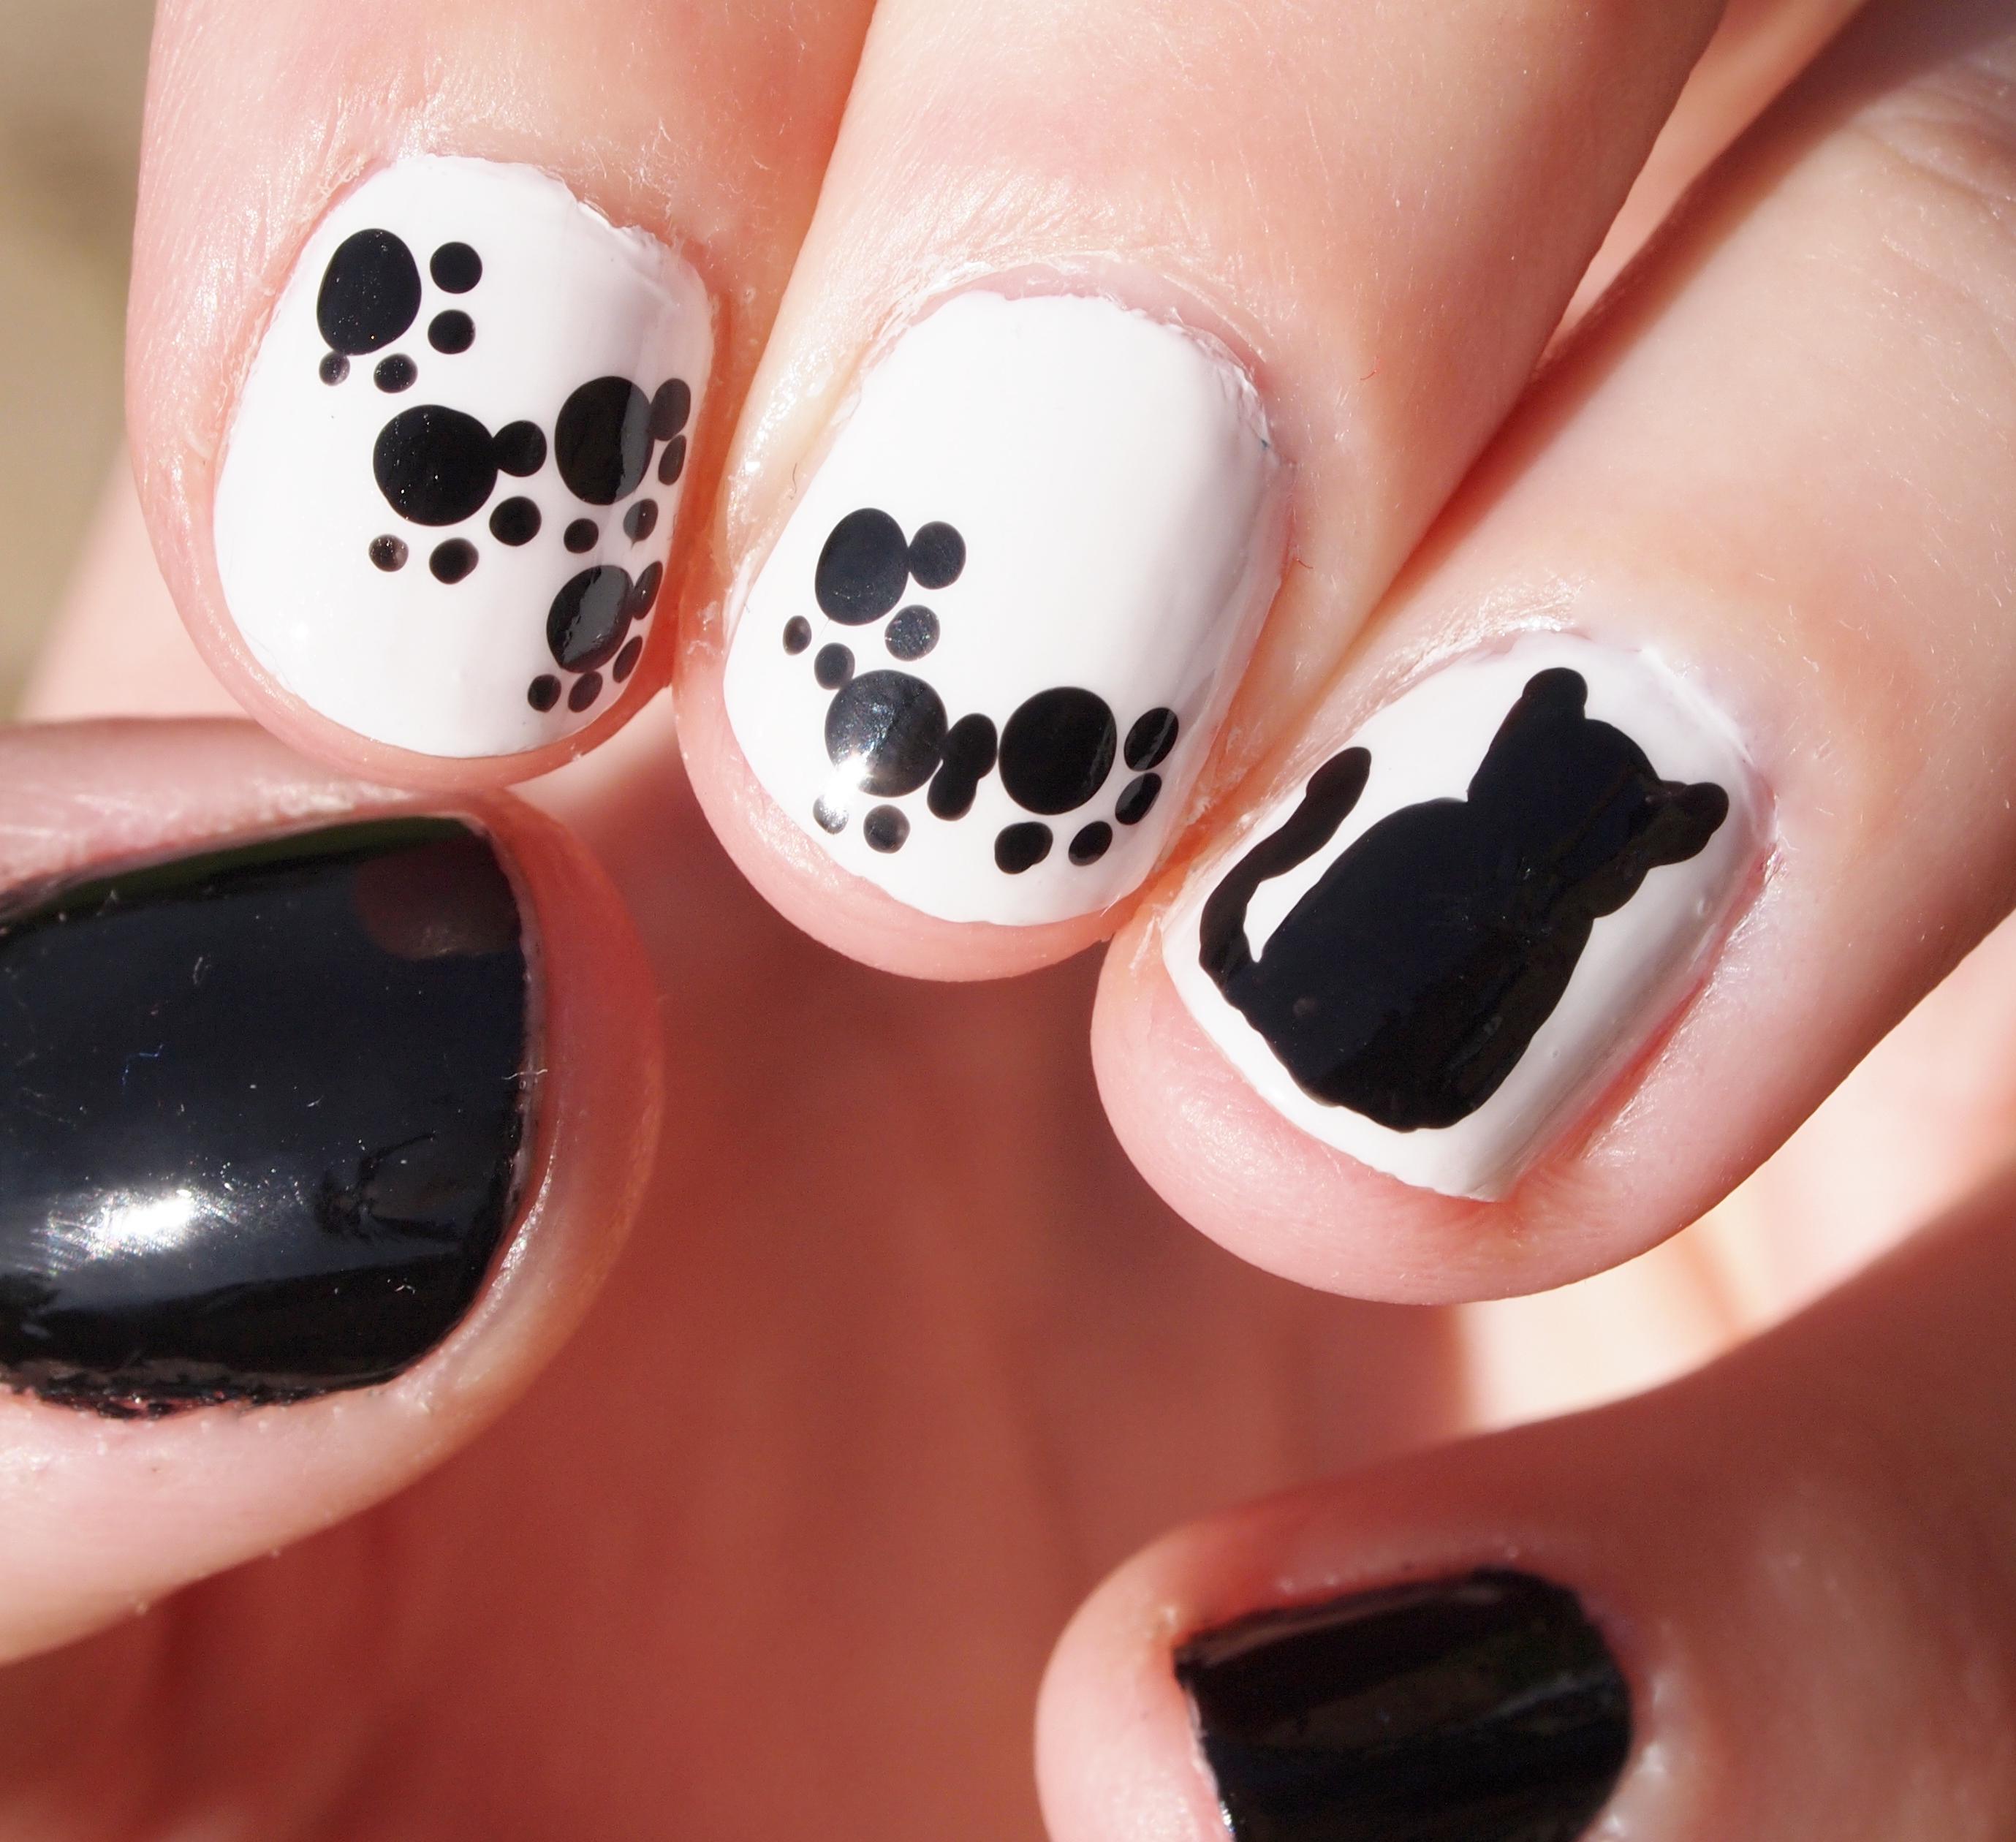 Bewitchery Nail Art Monochrome Cats